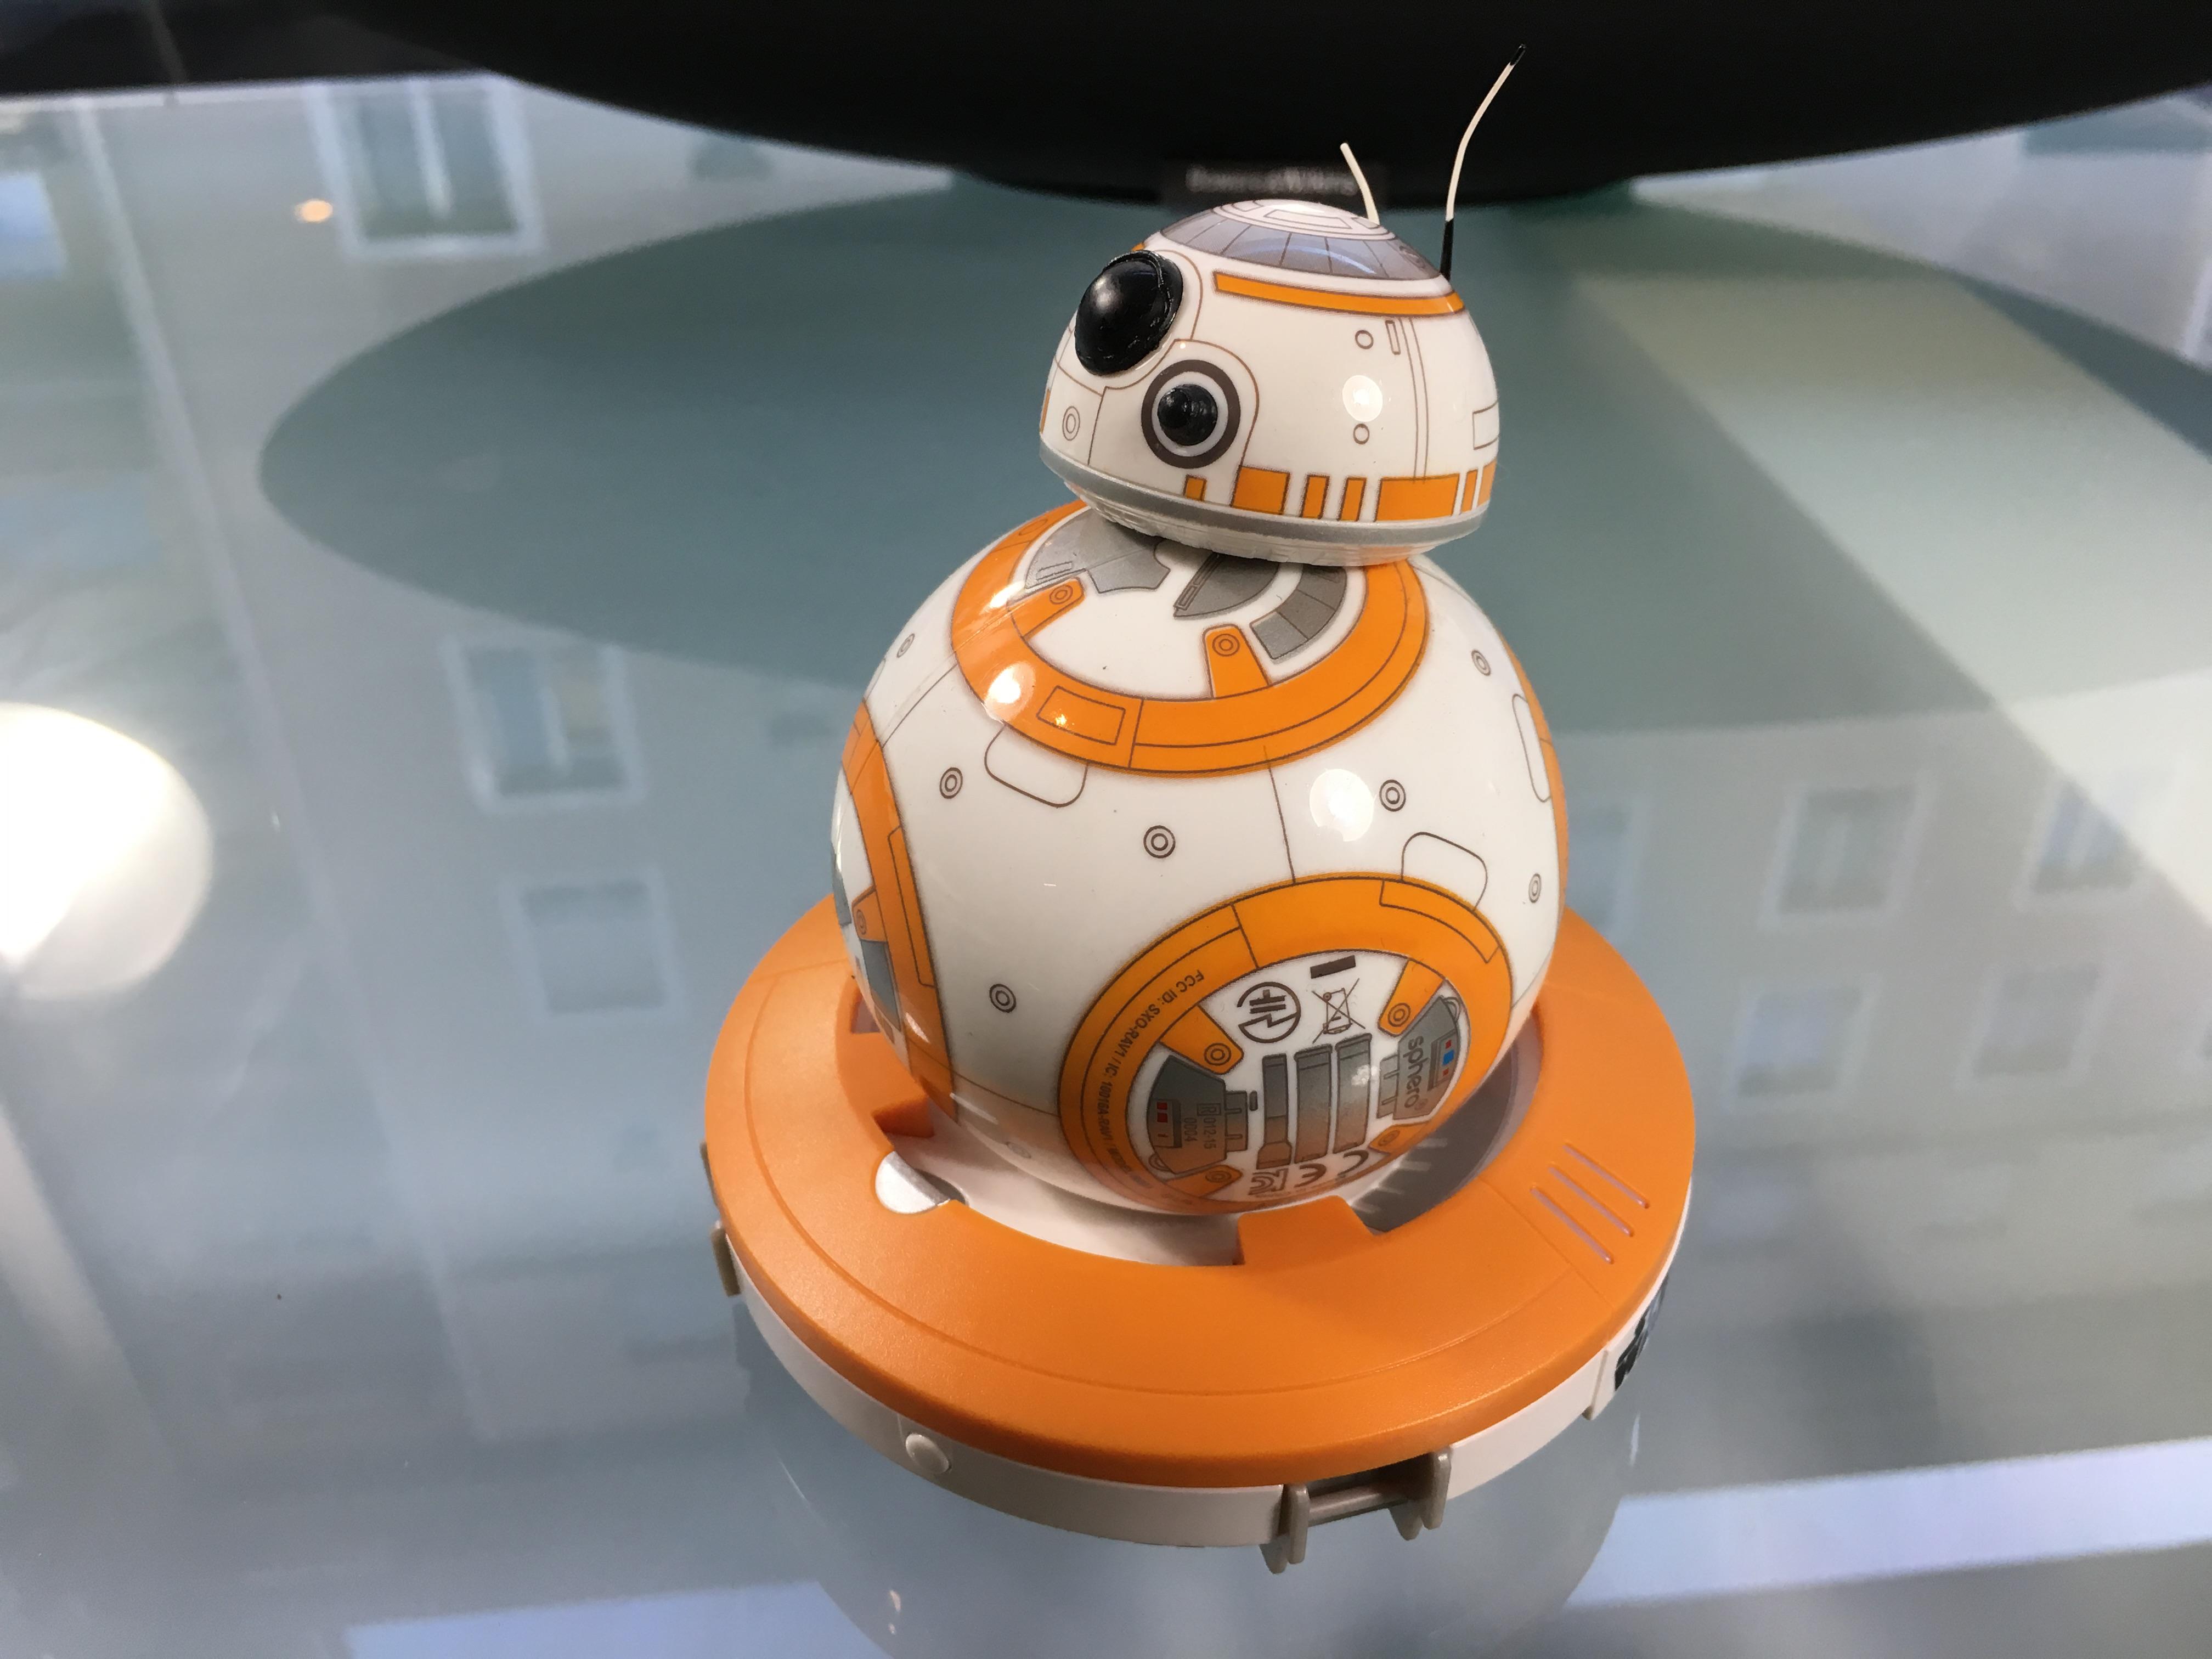 Test du bb 8 le robot de star wars le r veil de la force - Robot qui fait la cuisine ...